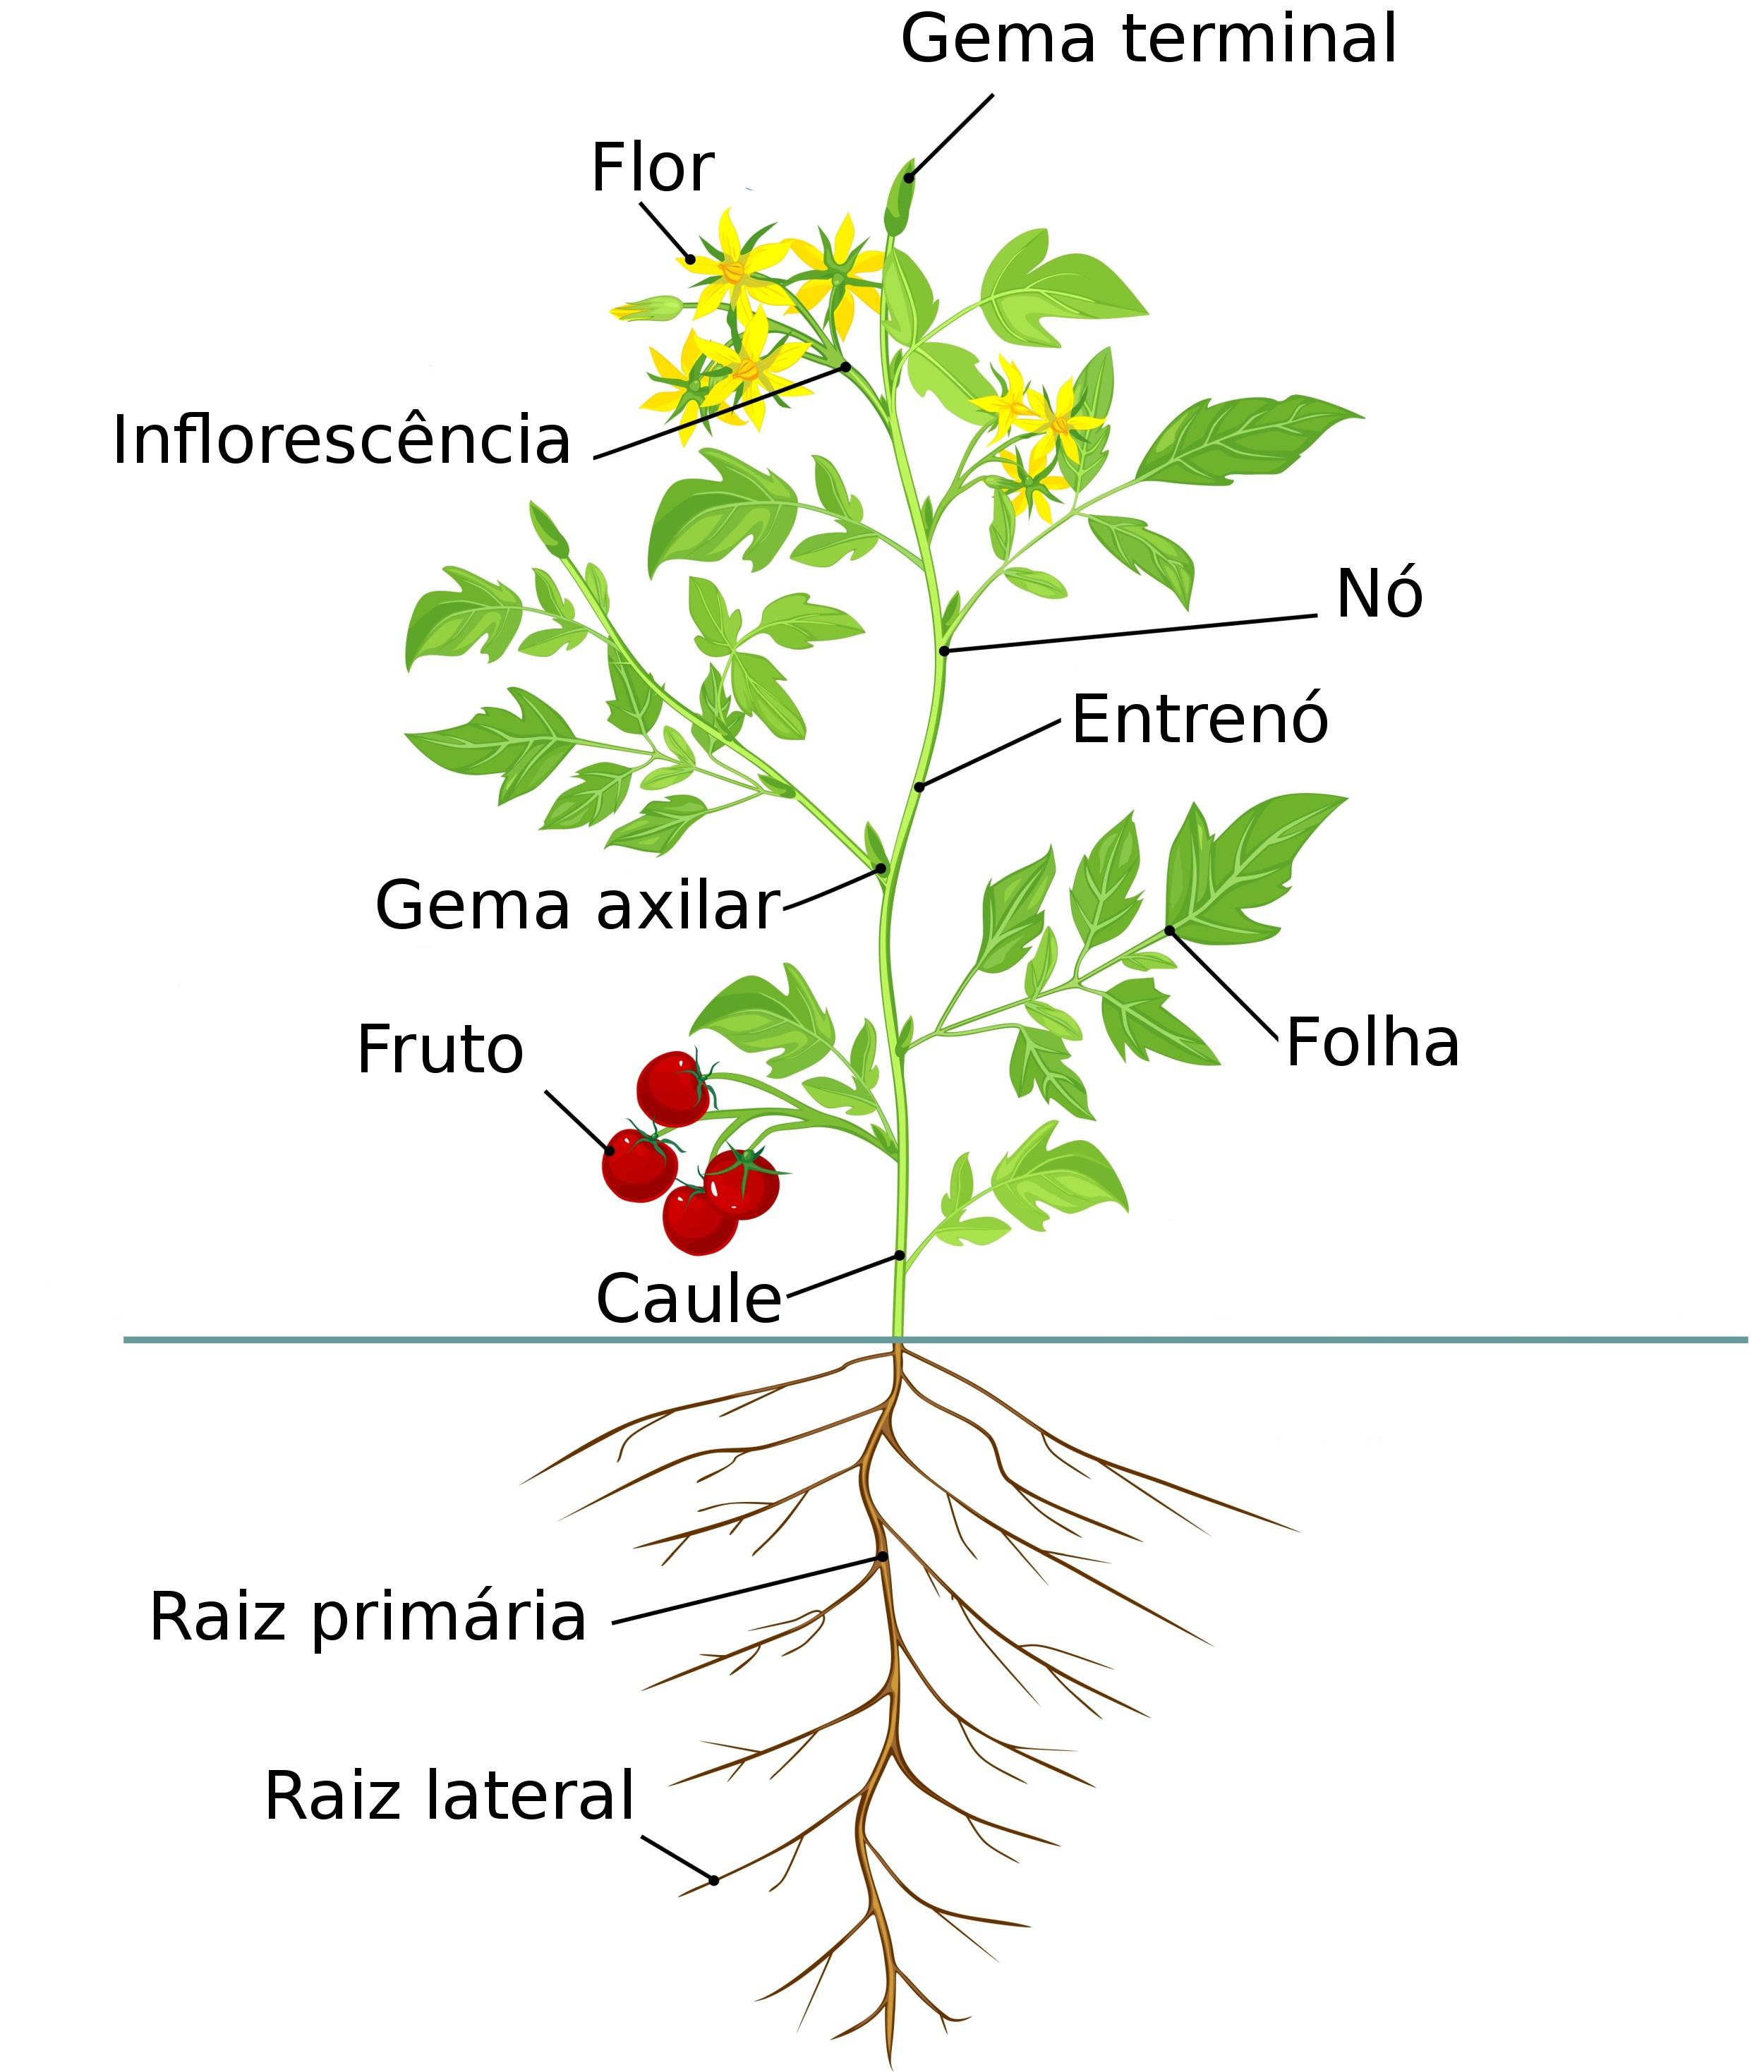 Caule - Partes das Plantas - Botânica e Biologia - InfoEscola db5f3f109a